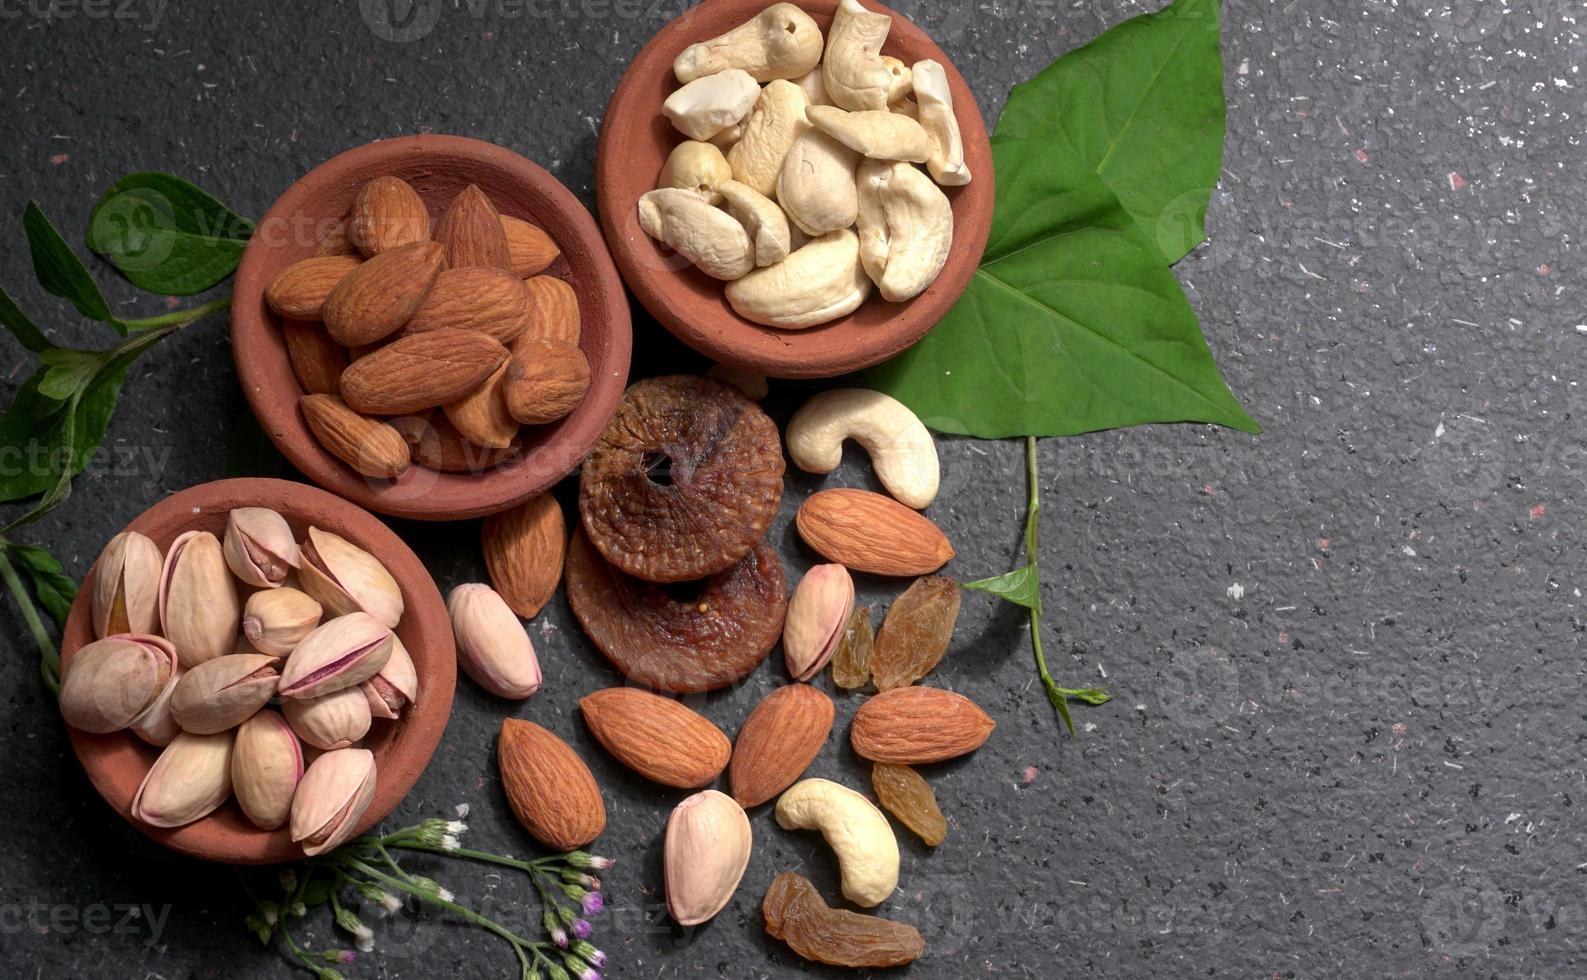 frutta secca, anacardi e mandorle. concetto di alimentazione sana. foto